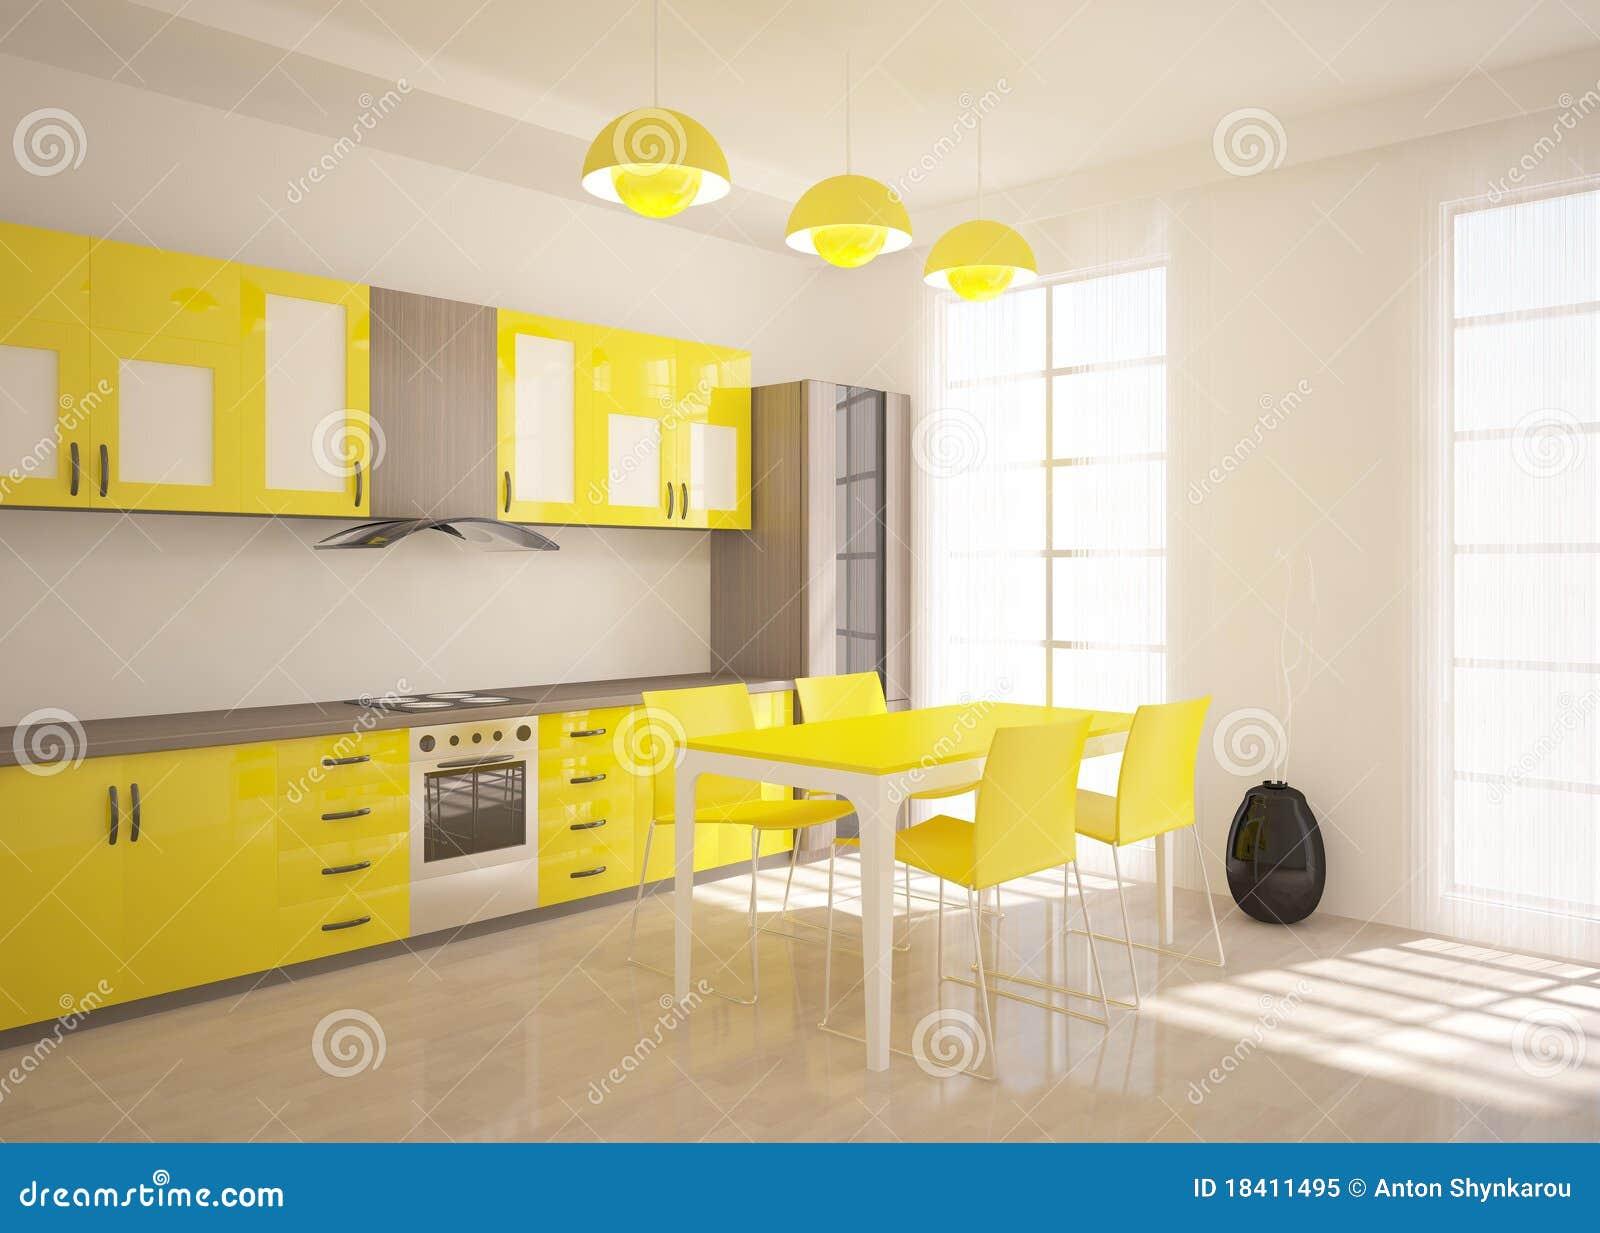 cuisine jaune photo libre de droits image 18411495. Black Bedroom Furniture Sets. Home Design Ideas